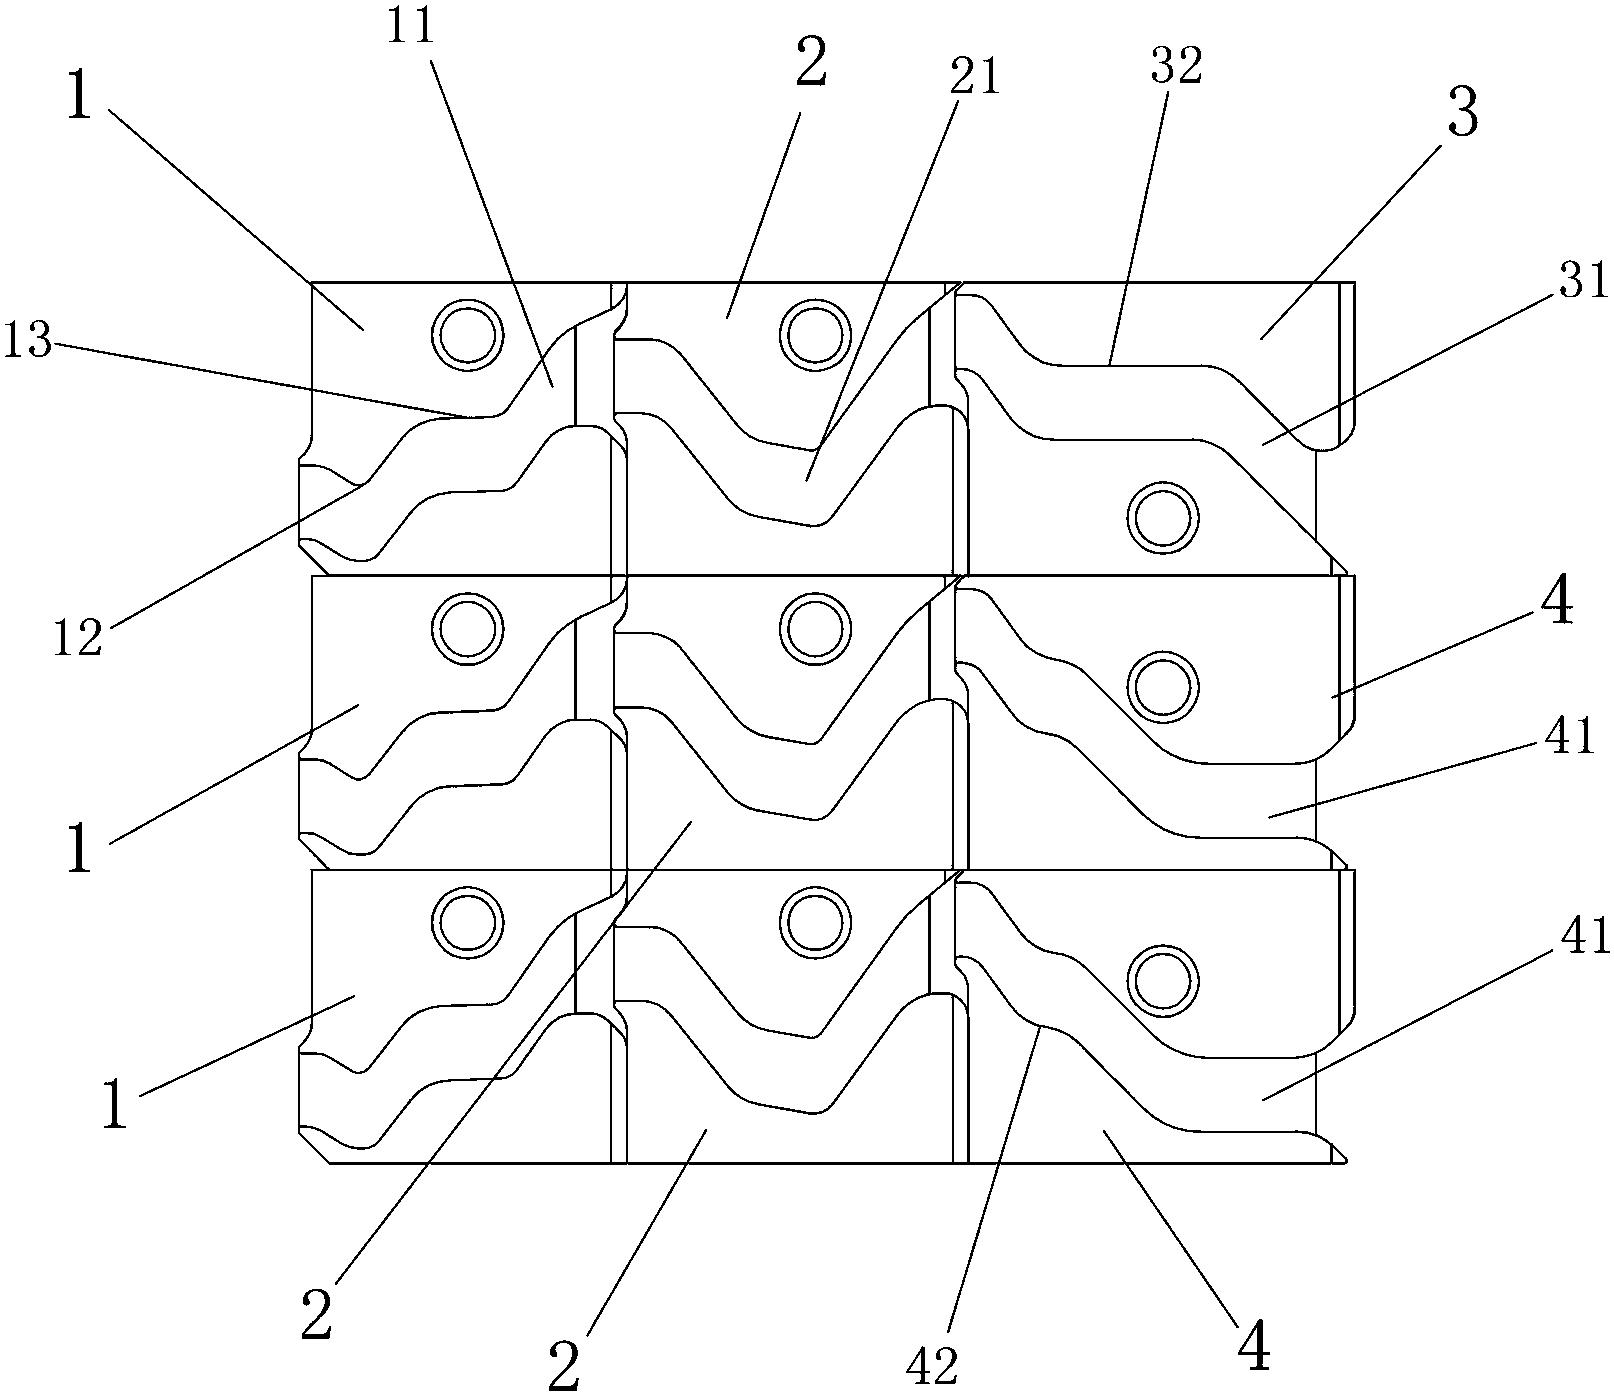 cn207031671u_一种三线卫衣针织大圆机的三角组件有效